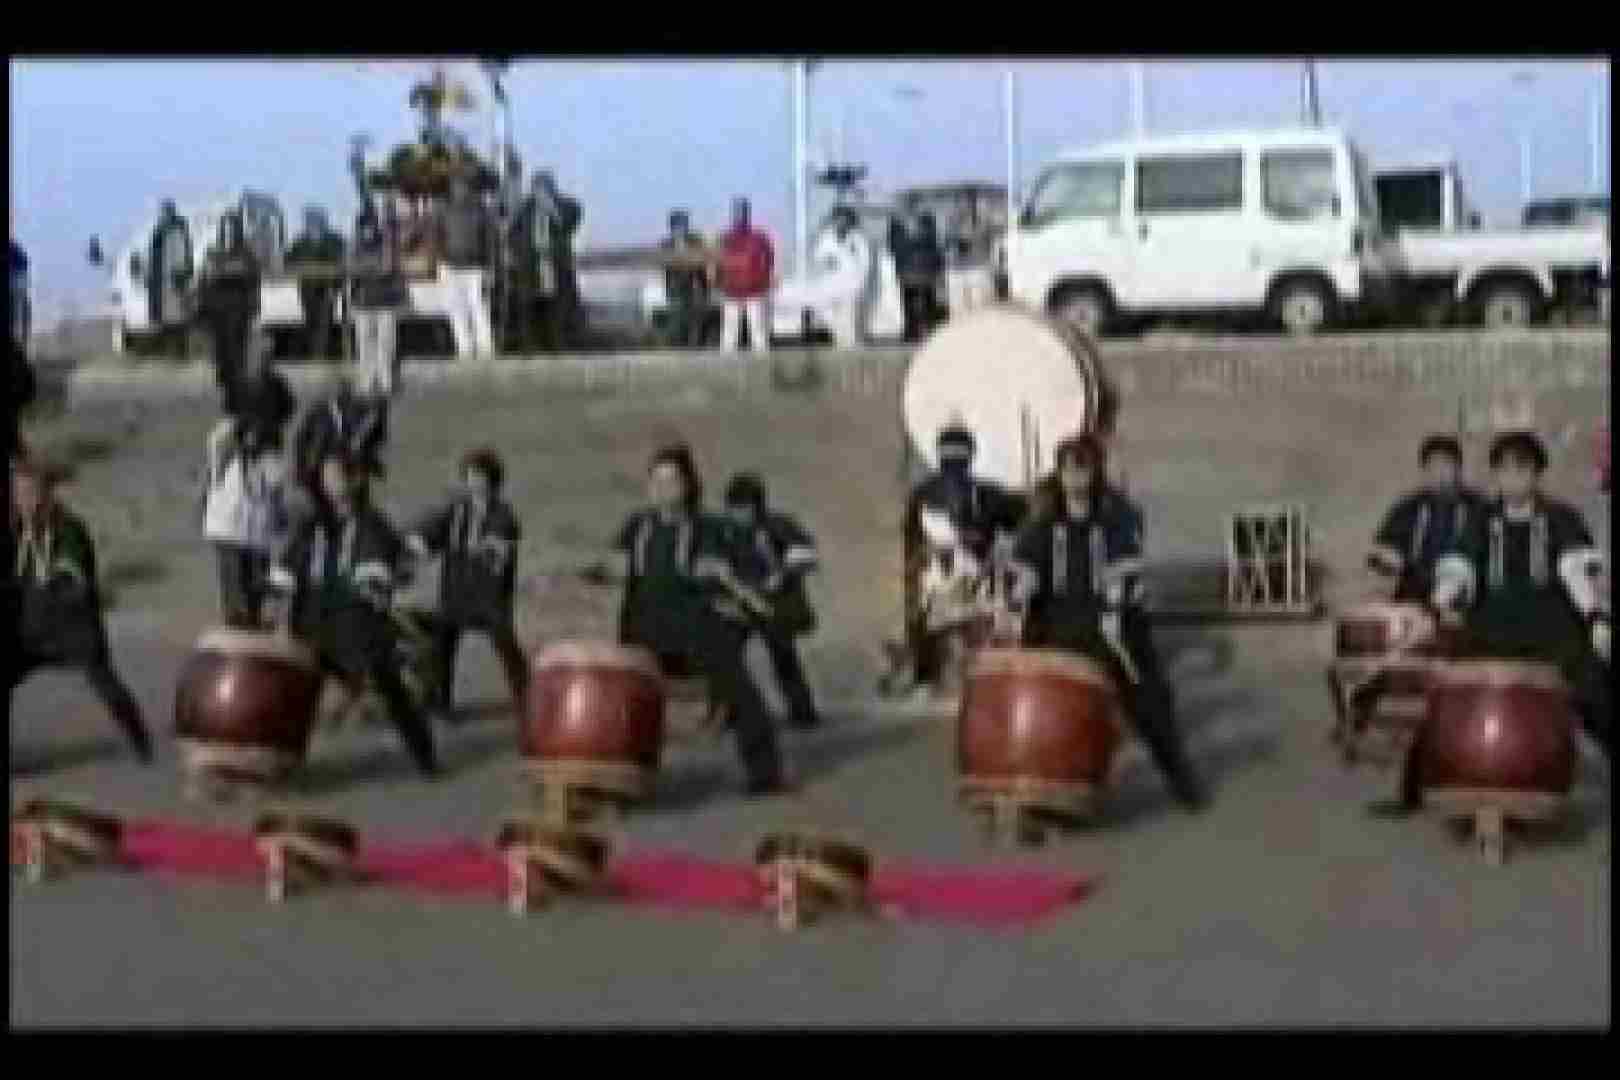 陰間茶屋 男児祭り VOL.1 野外露出動画 ゲイ丸見え画像 76pic 26